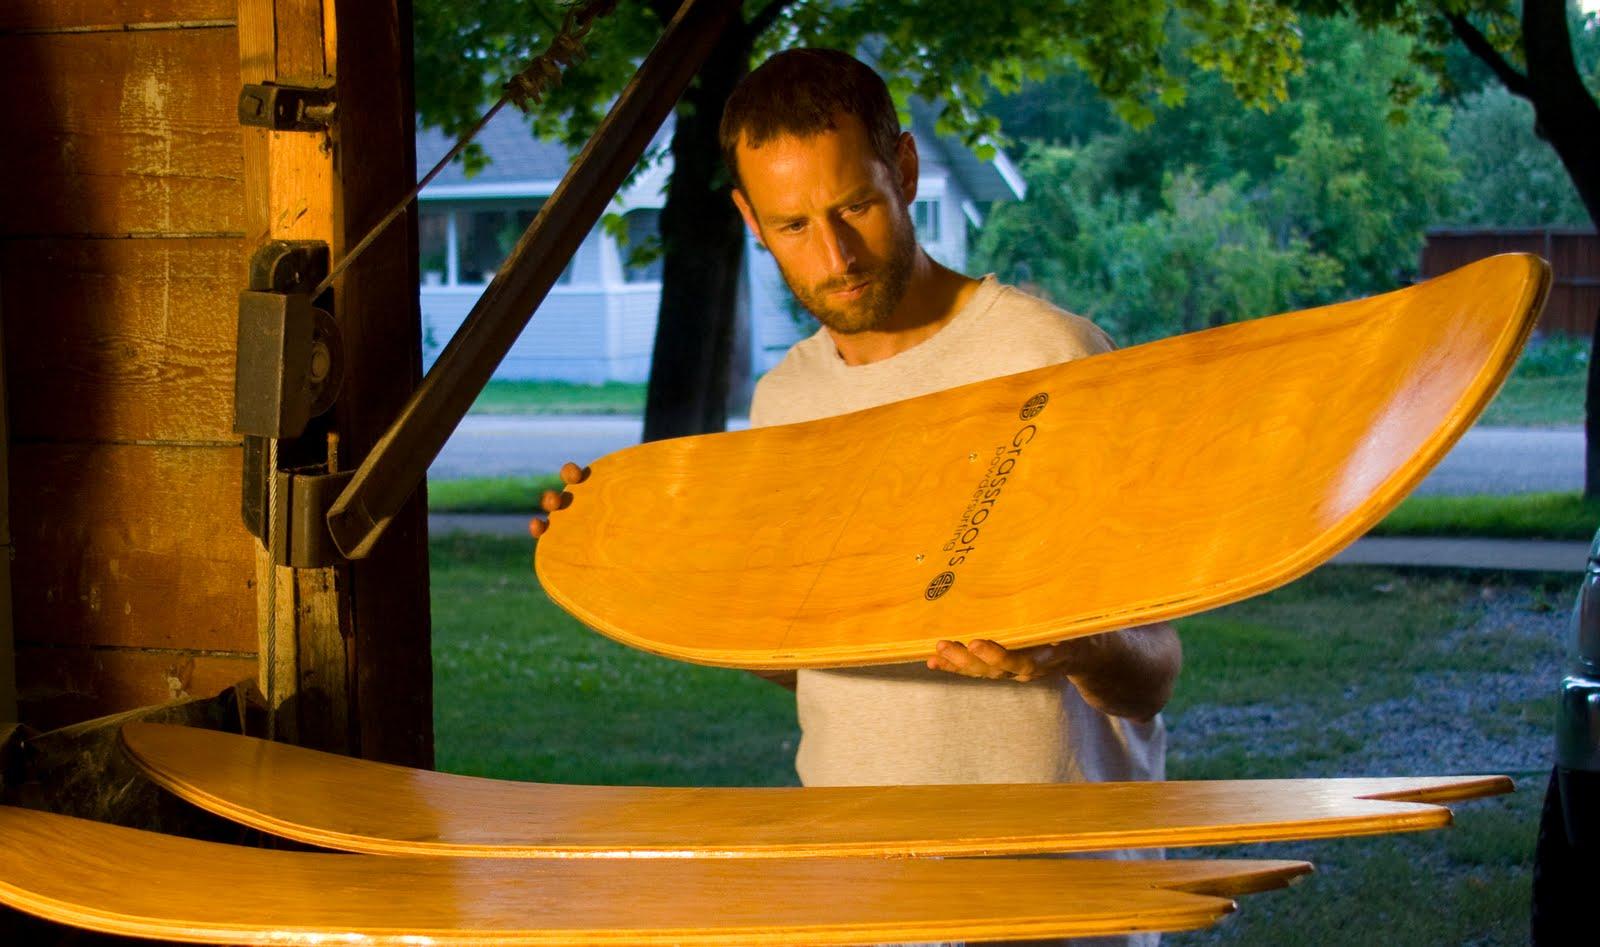 J_shedBoardsCrop2011.jpg